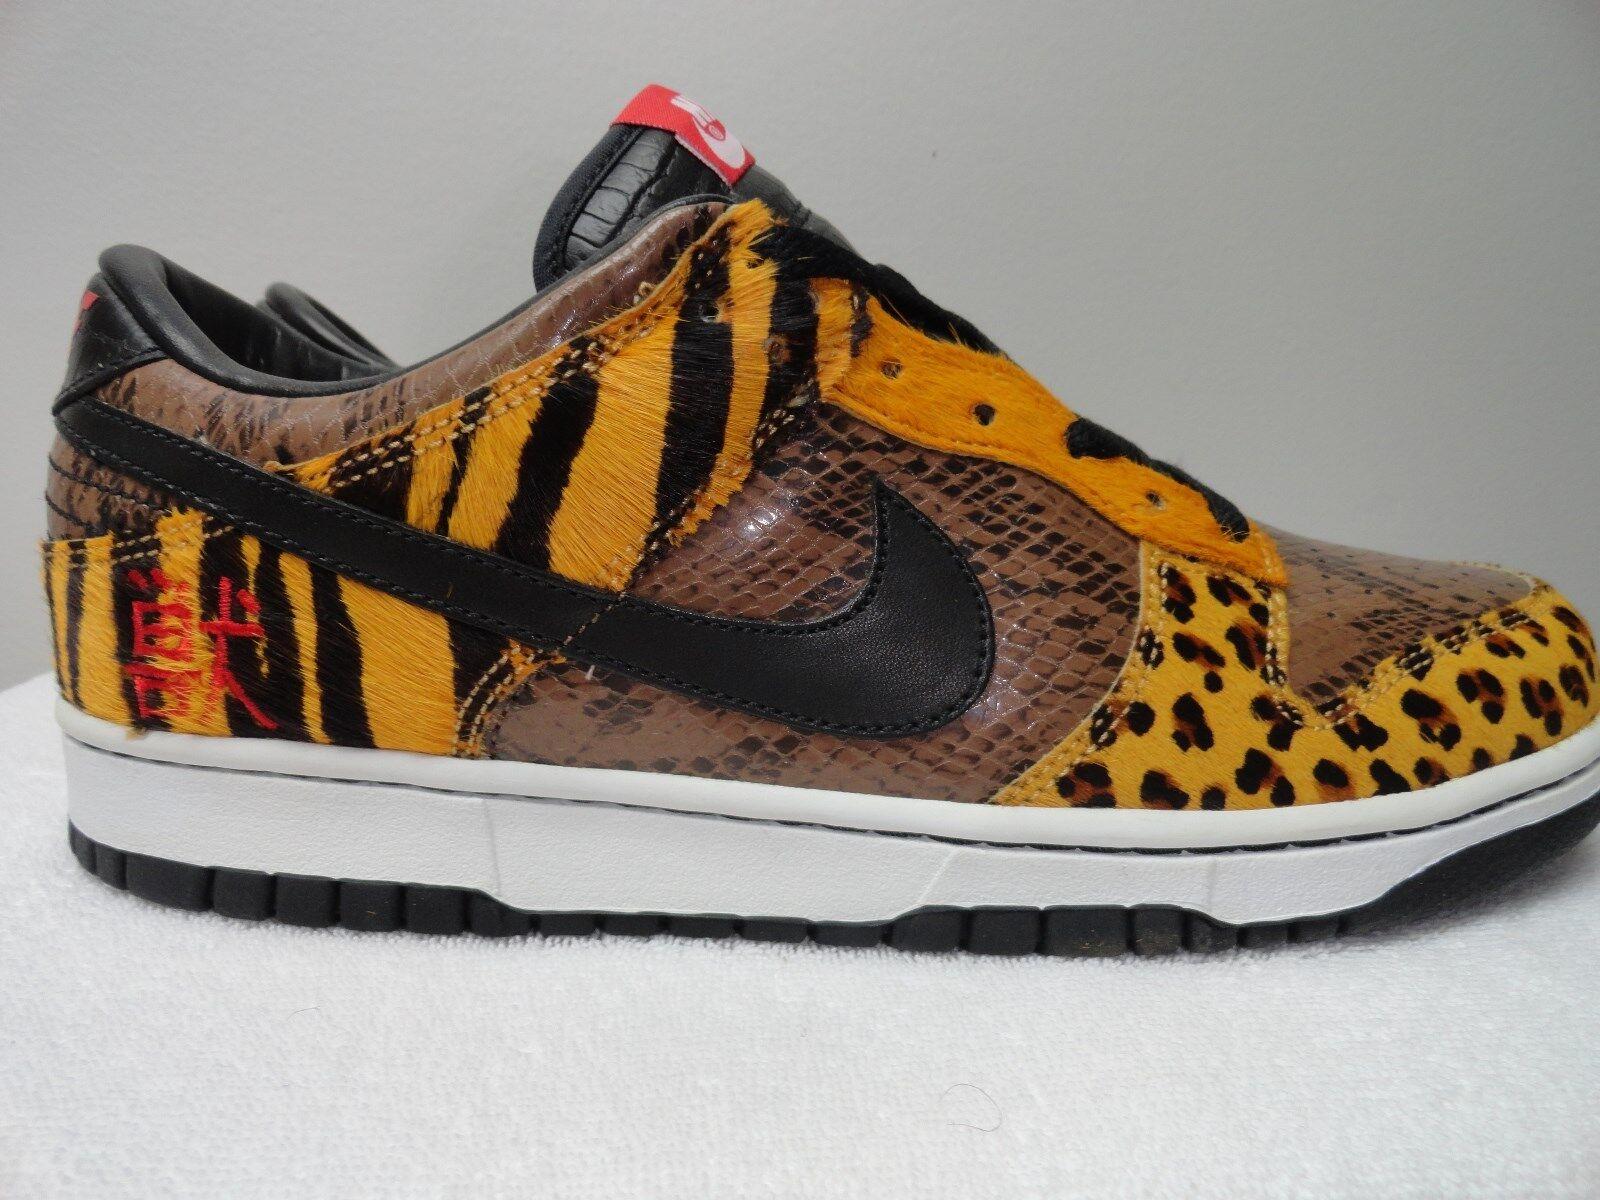 Nike Dunk temporada Low Safari tamaño 9 temporada Dunk de recortes de precios, beneficios de descuentos 6fb46a